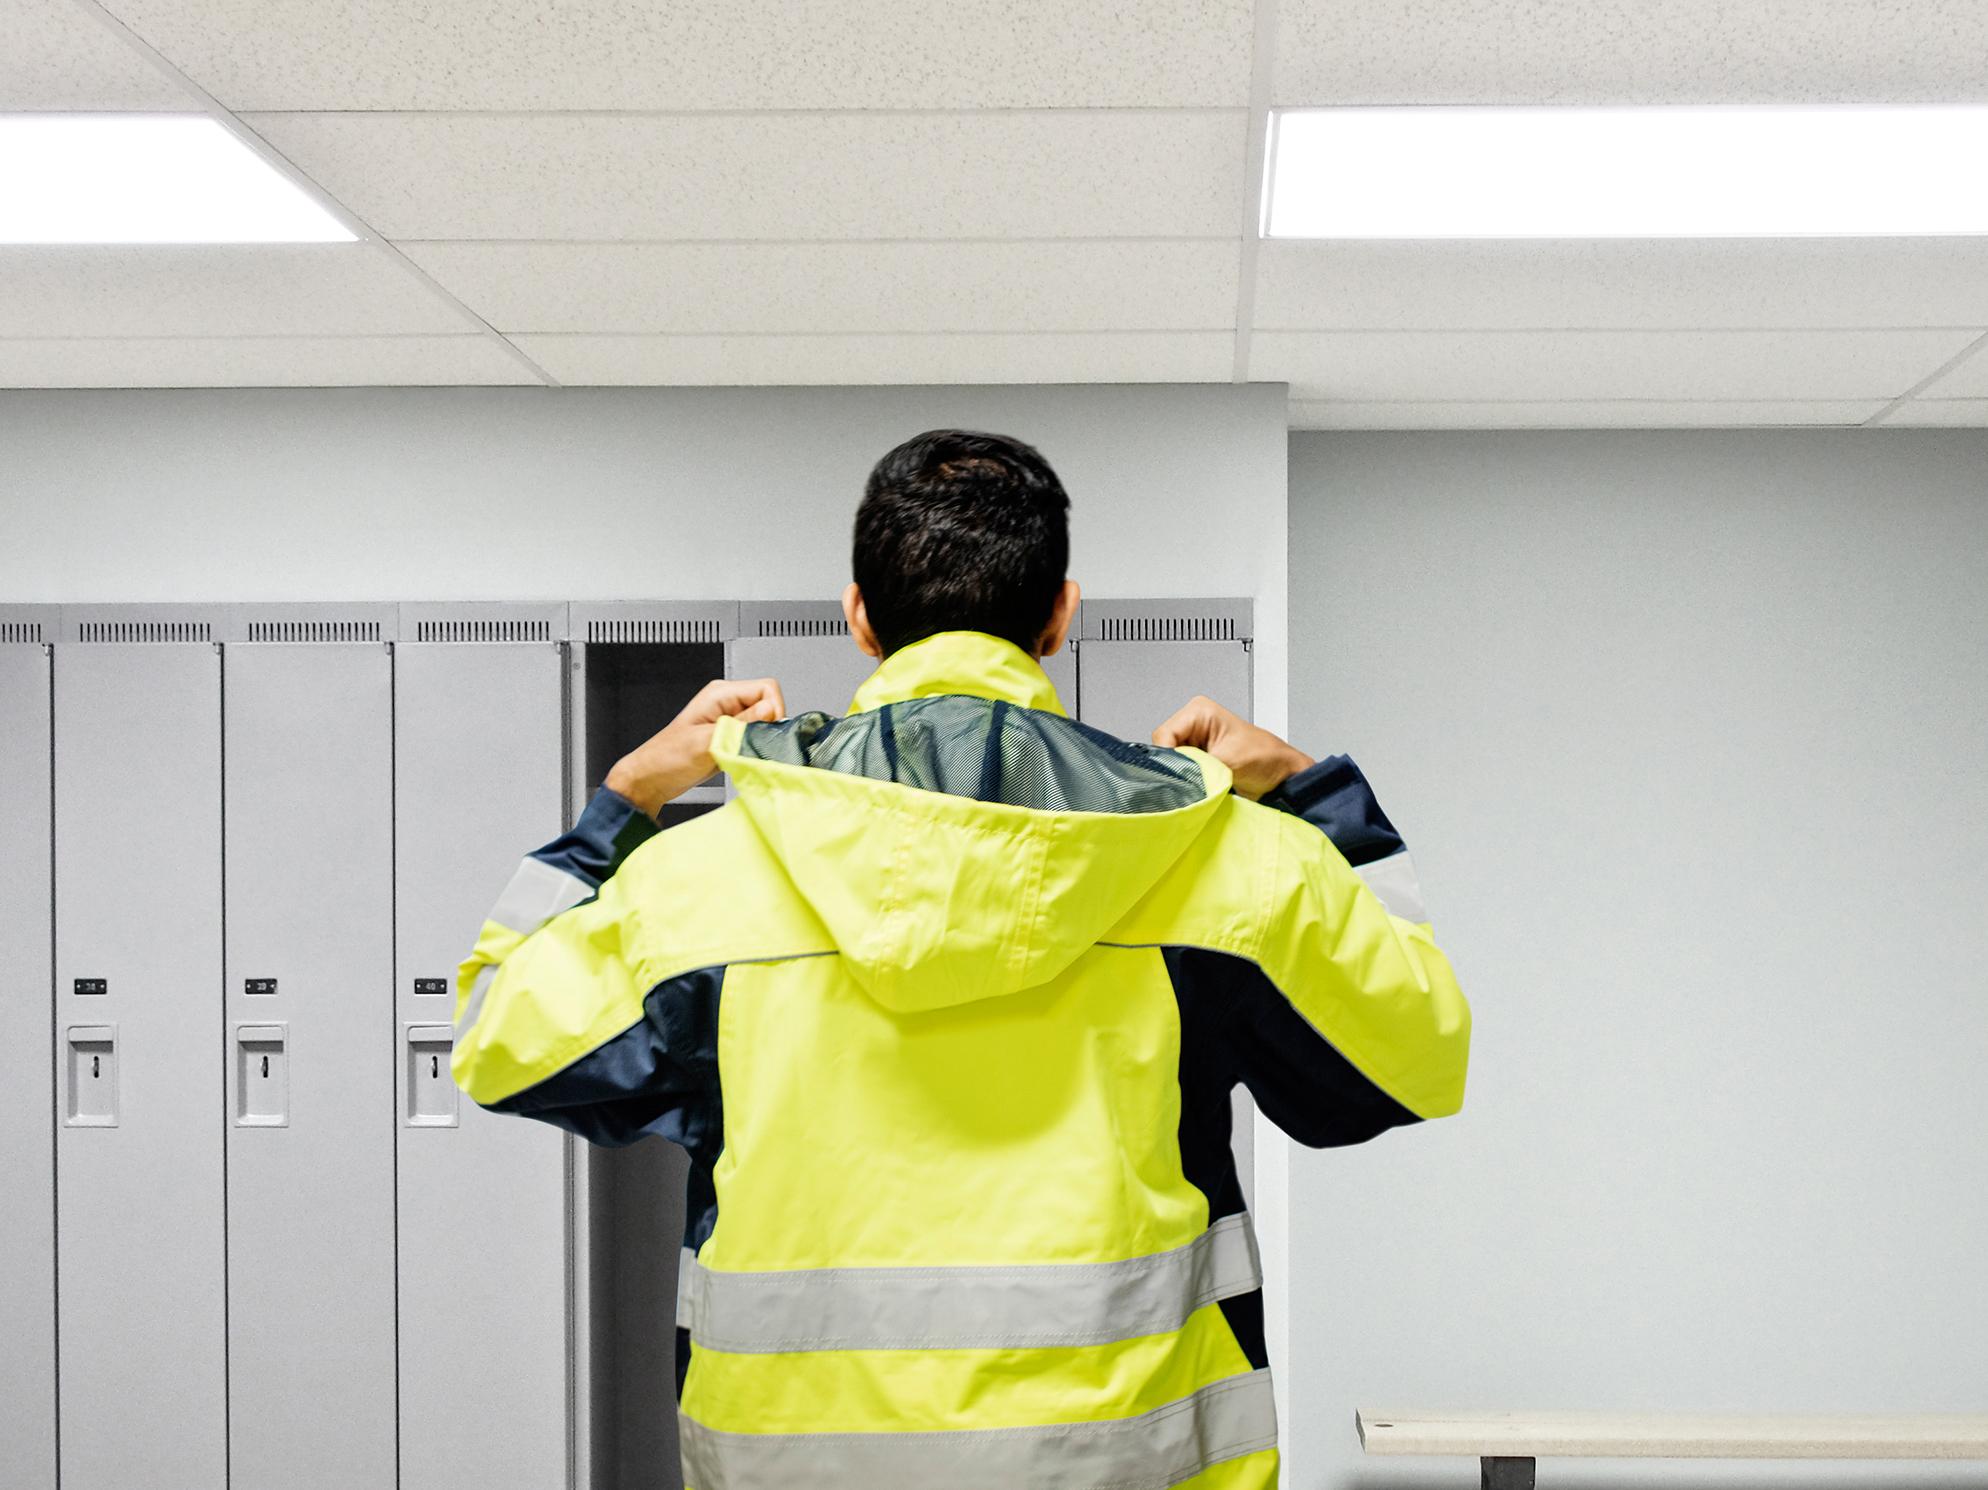 Ein Mann mit gelber Warnjacke steht vor einem Spind im Umkleideraum.